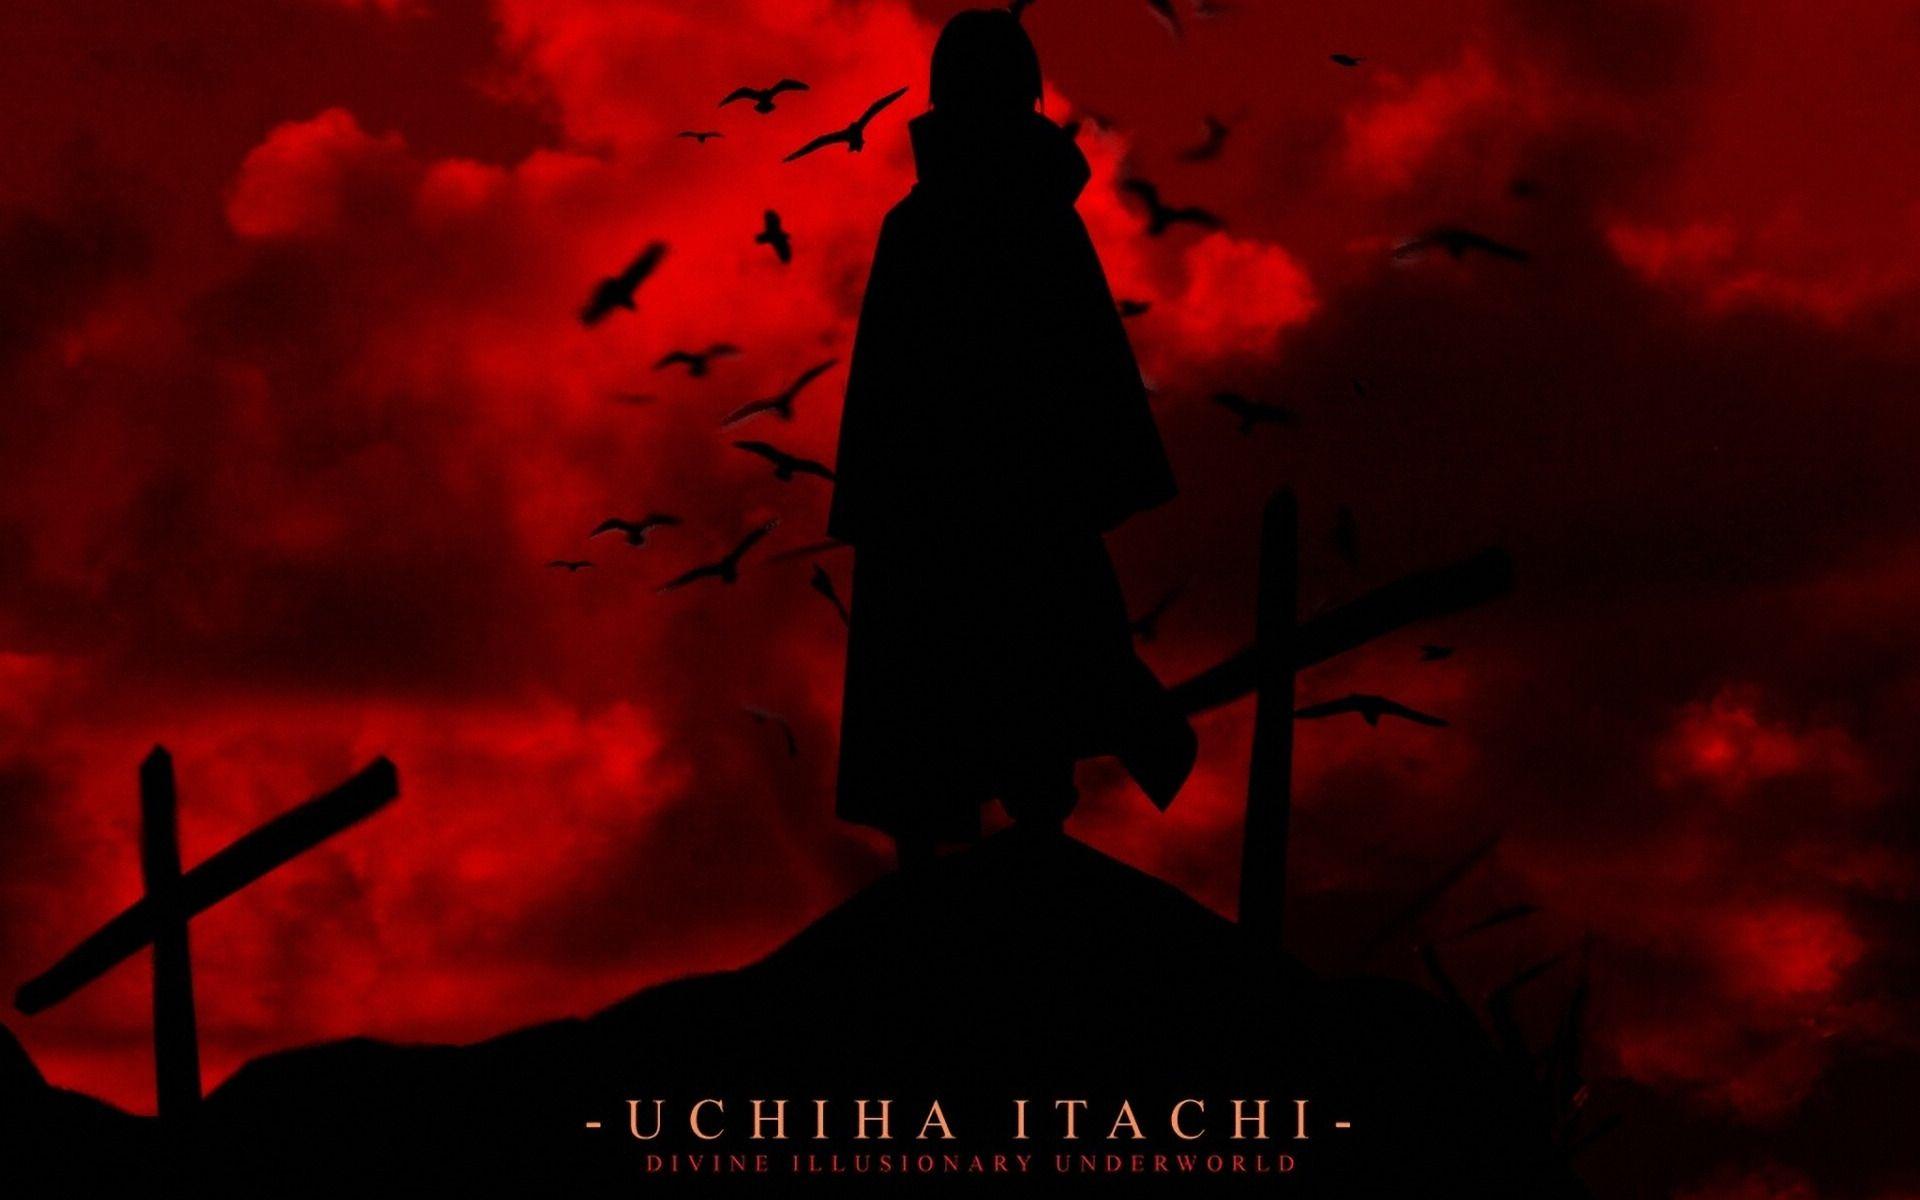 Itachi Uchiha Wallpaper Itachi Uchiha Itachi Uchiha